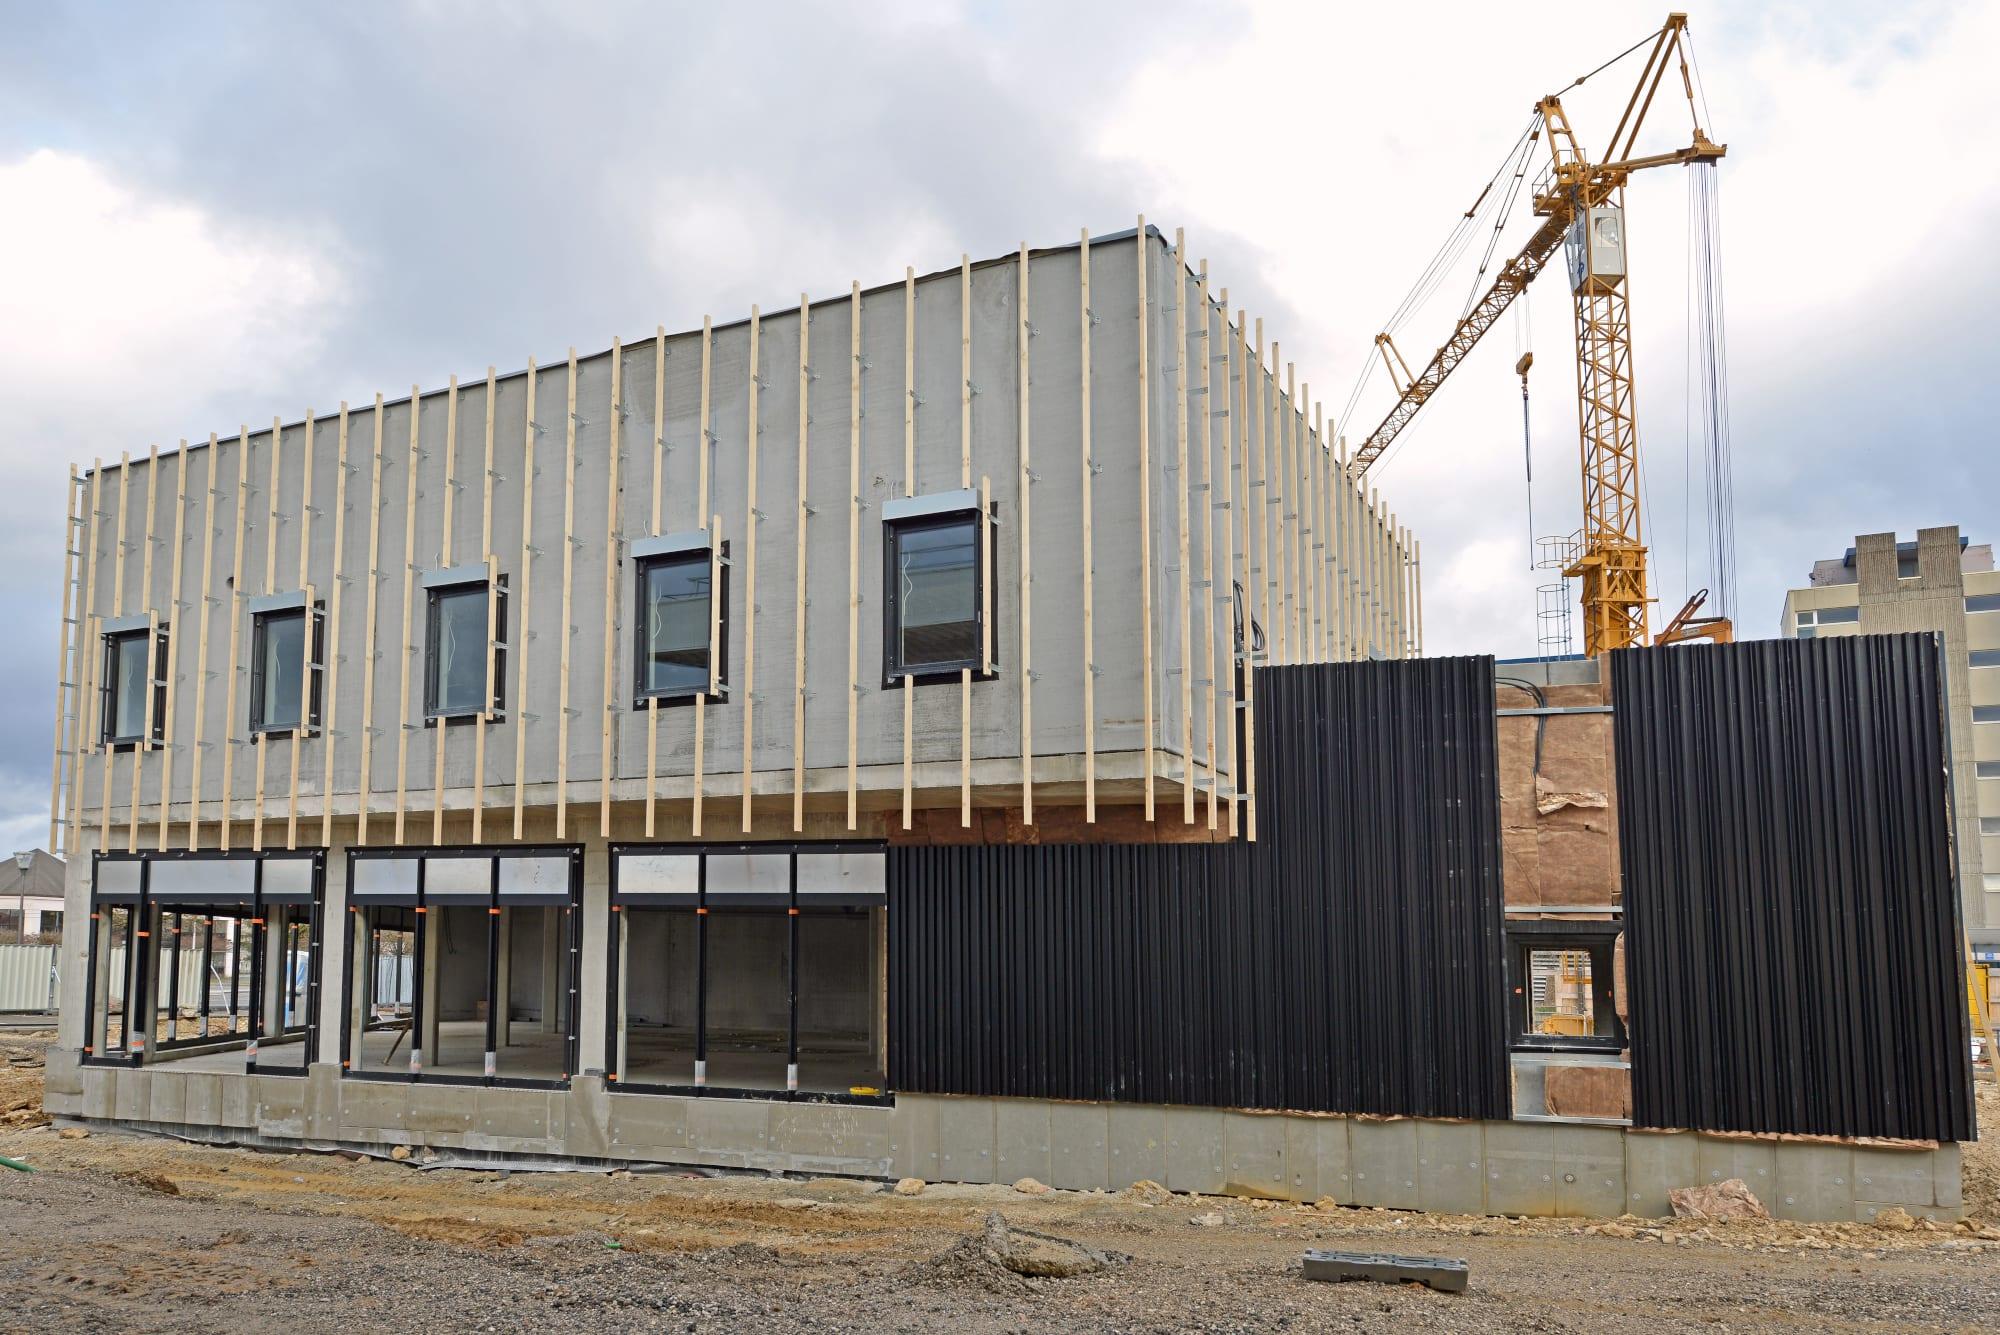 Les Hexagones 2024 chantier 28 décembre 2020 - crédit photo Samuel Carnovali